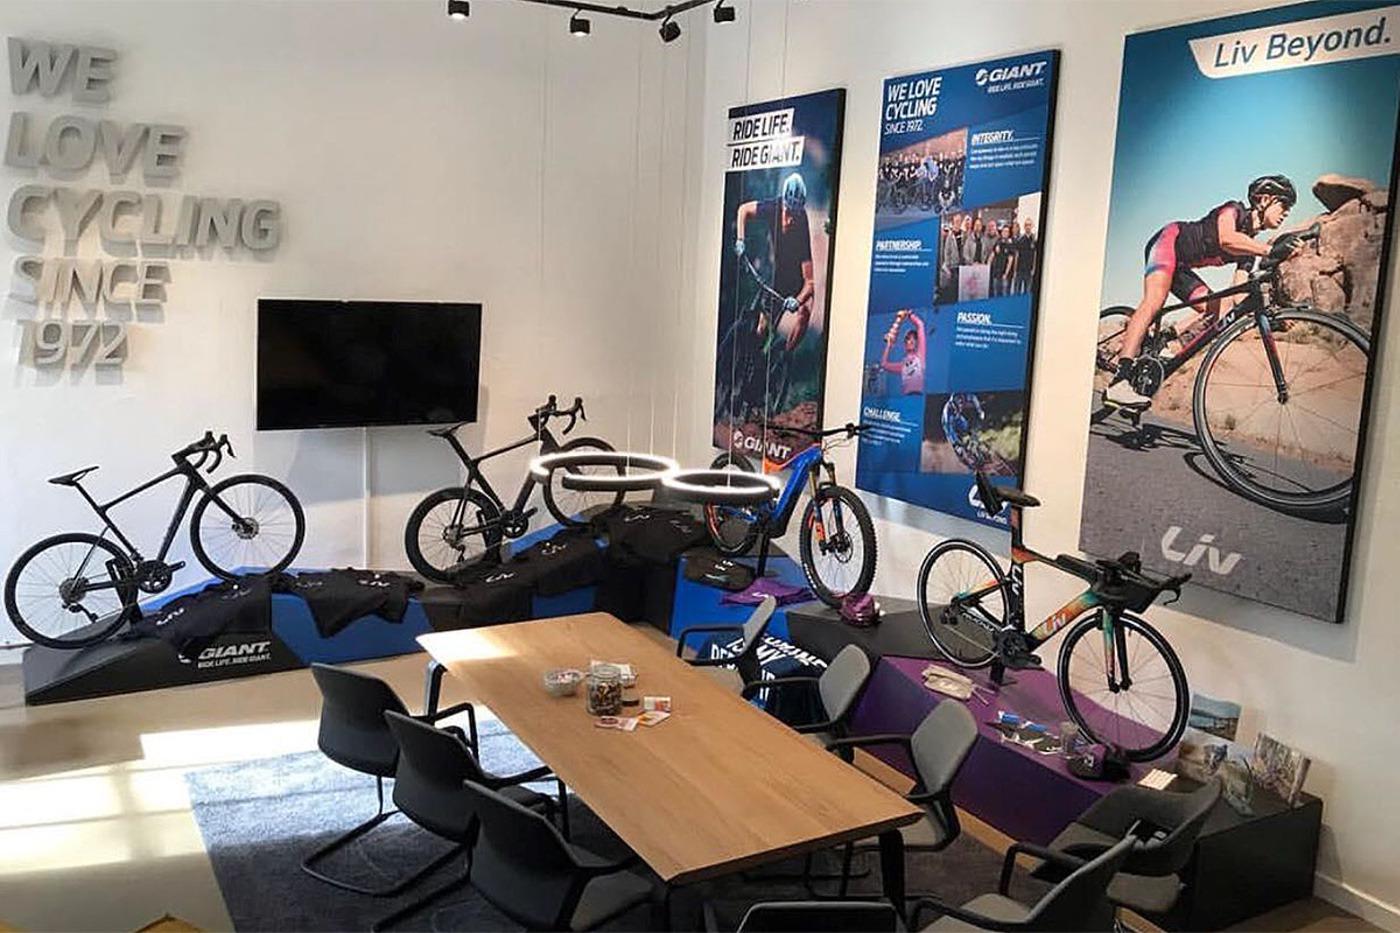 Oferta de trabajo en Giant Bikes Ibérica